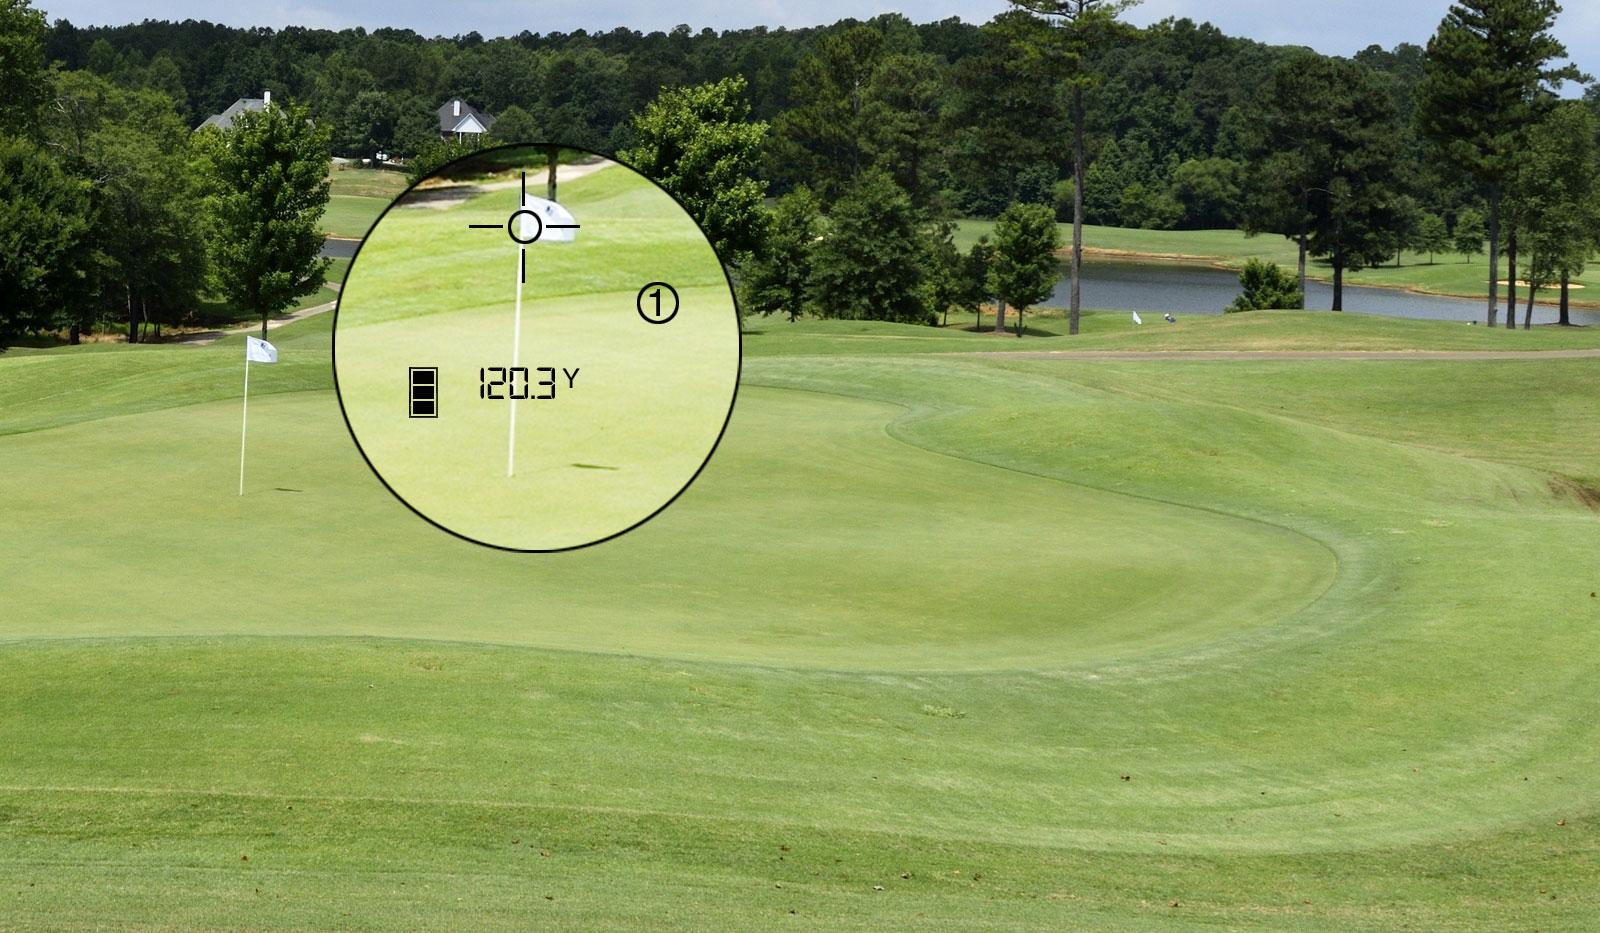 Ansicht wie mn durch ein bushnell Laser Gerät mit Entfernungsangebe zur Fahne